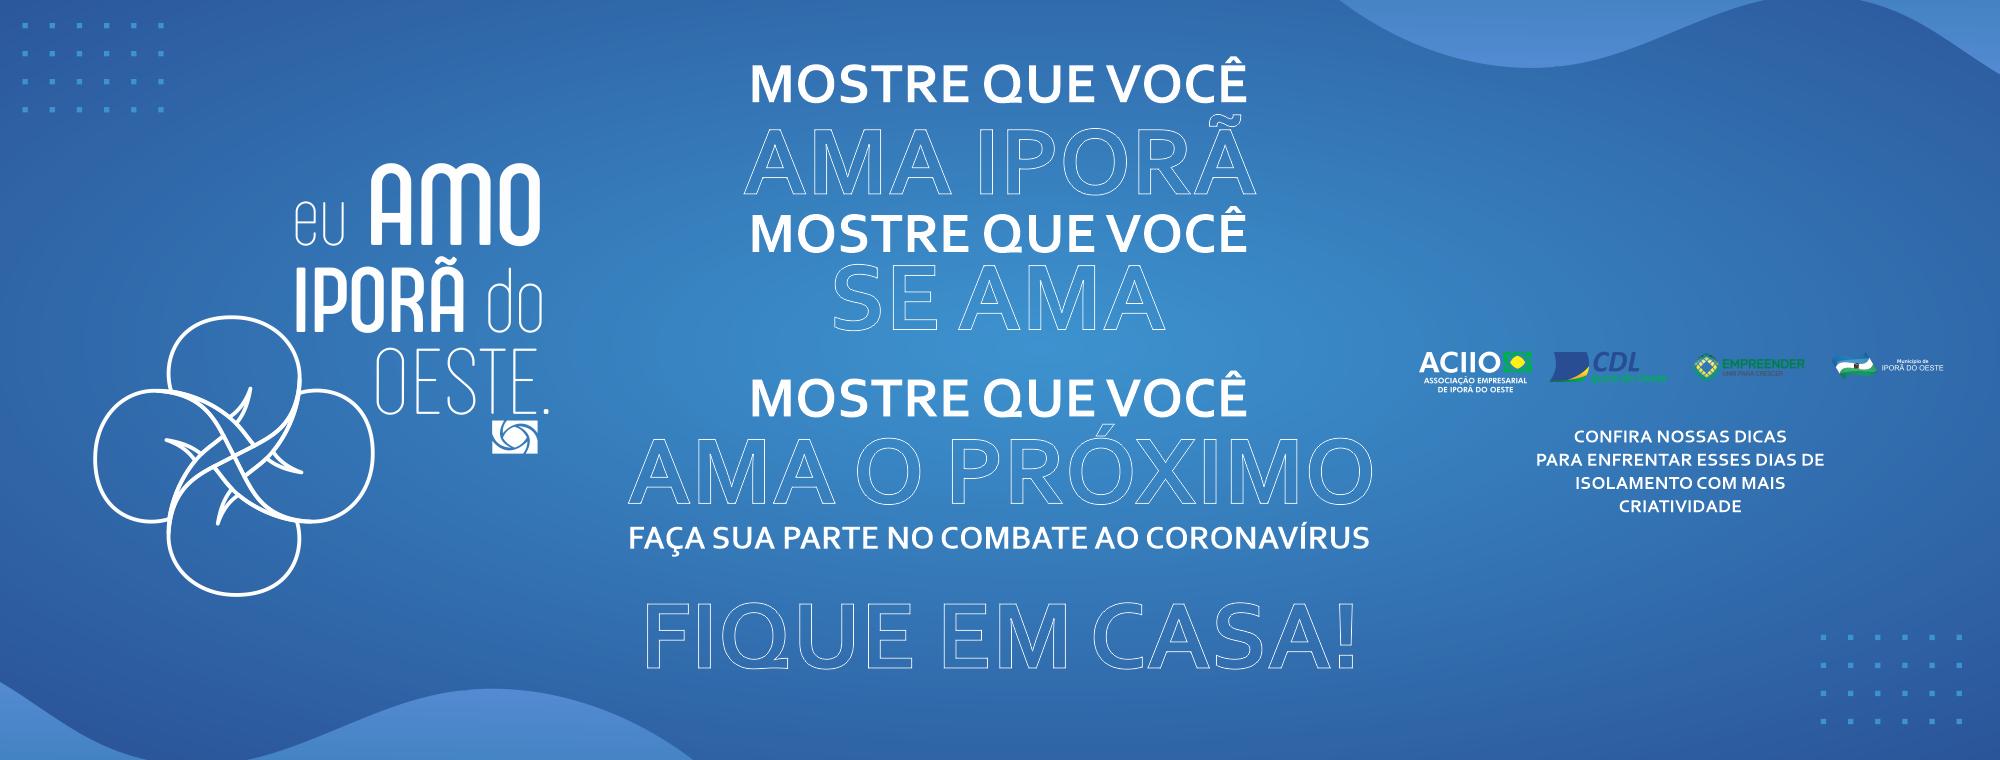 FIQUE EM CASA COM NOSSAS DICAS